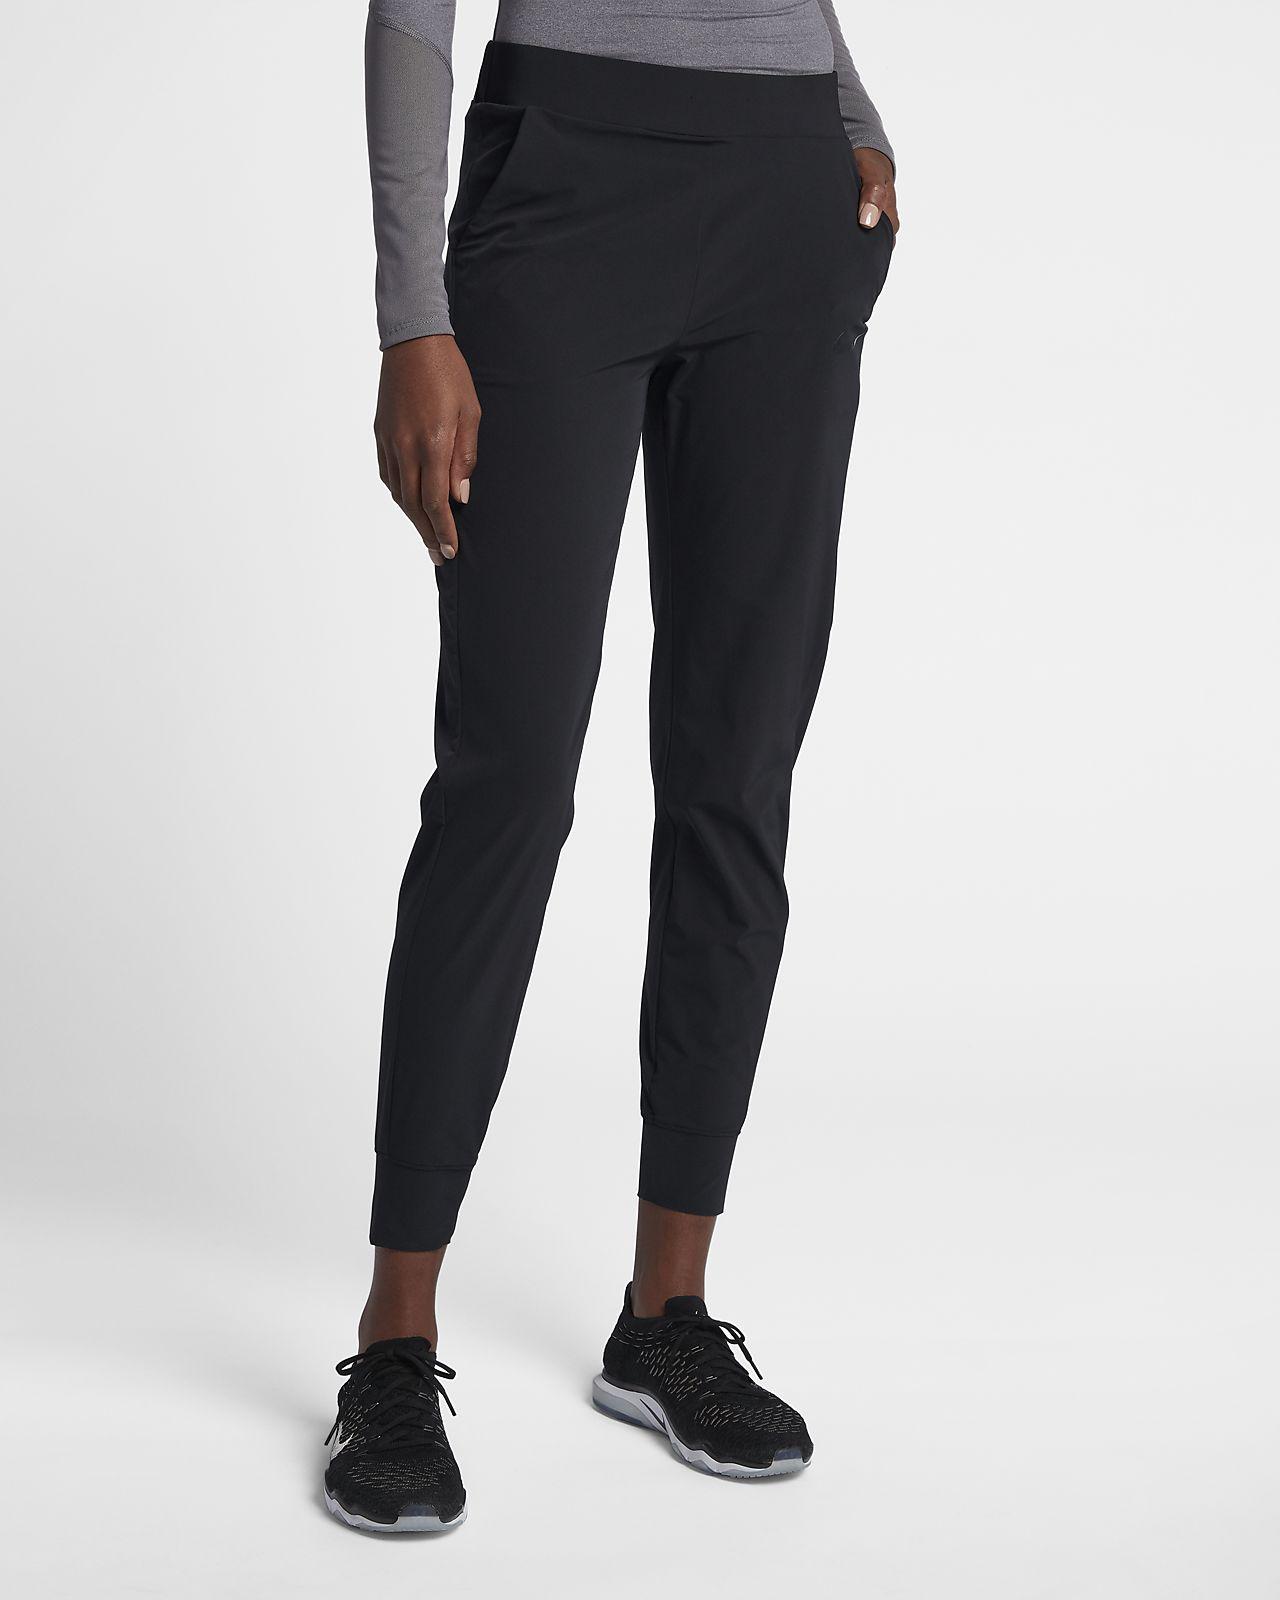 newest collection 06434 0ec4f ... Pantalon de training taille mi-basse Nike Bliss Lux pour Femme